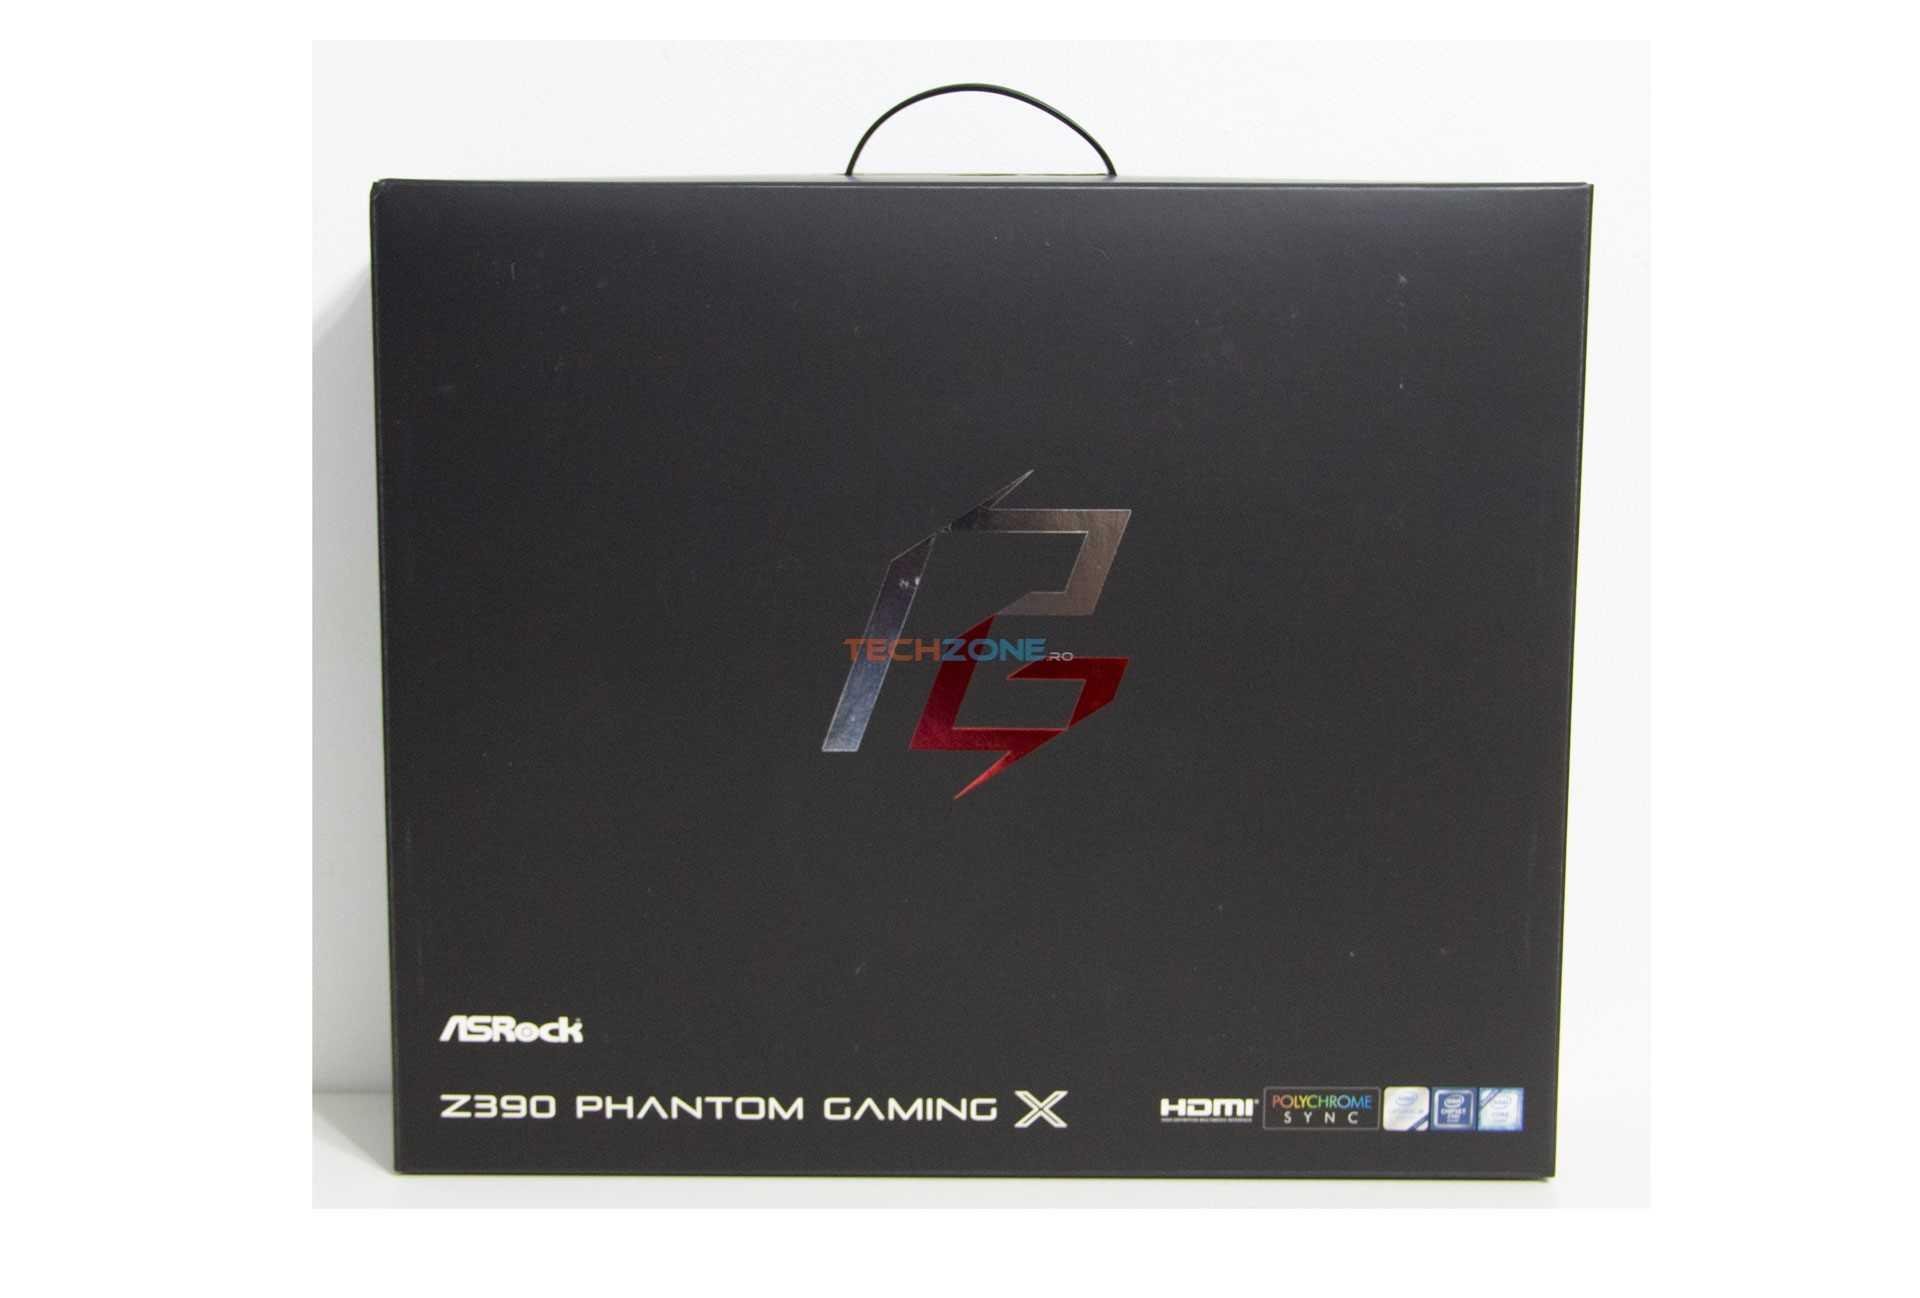 ASRock Z390 Phantom Gaming X set